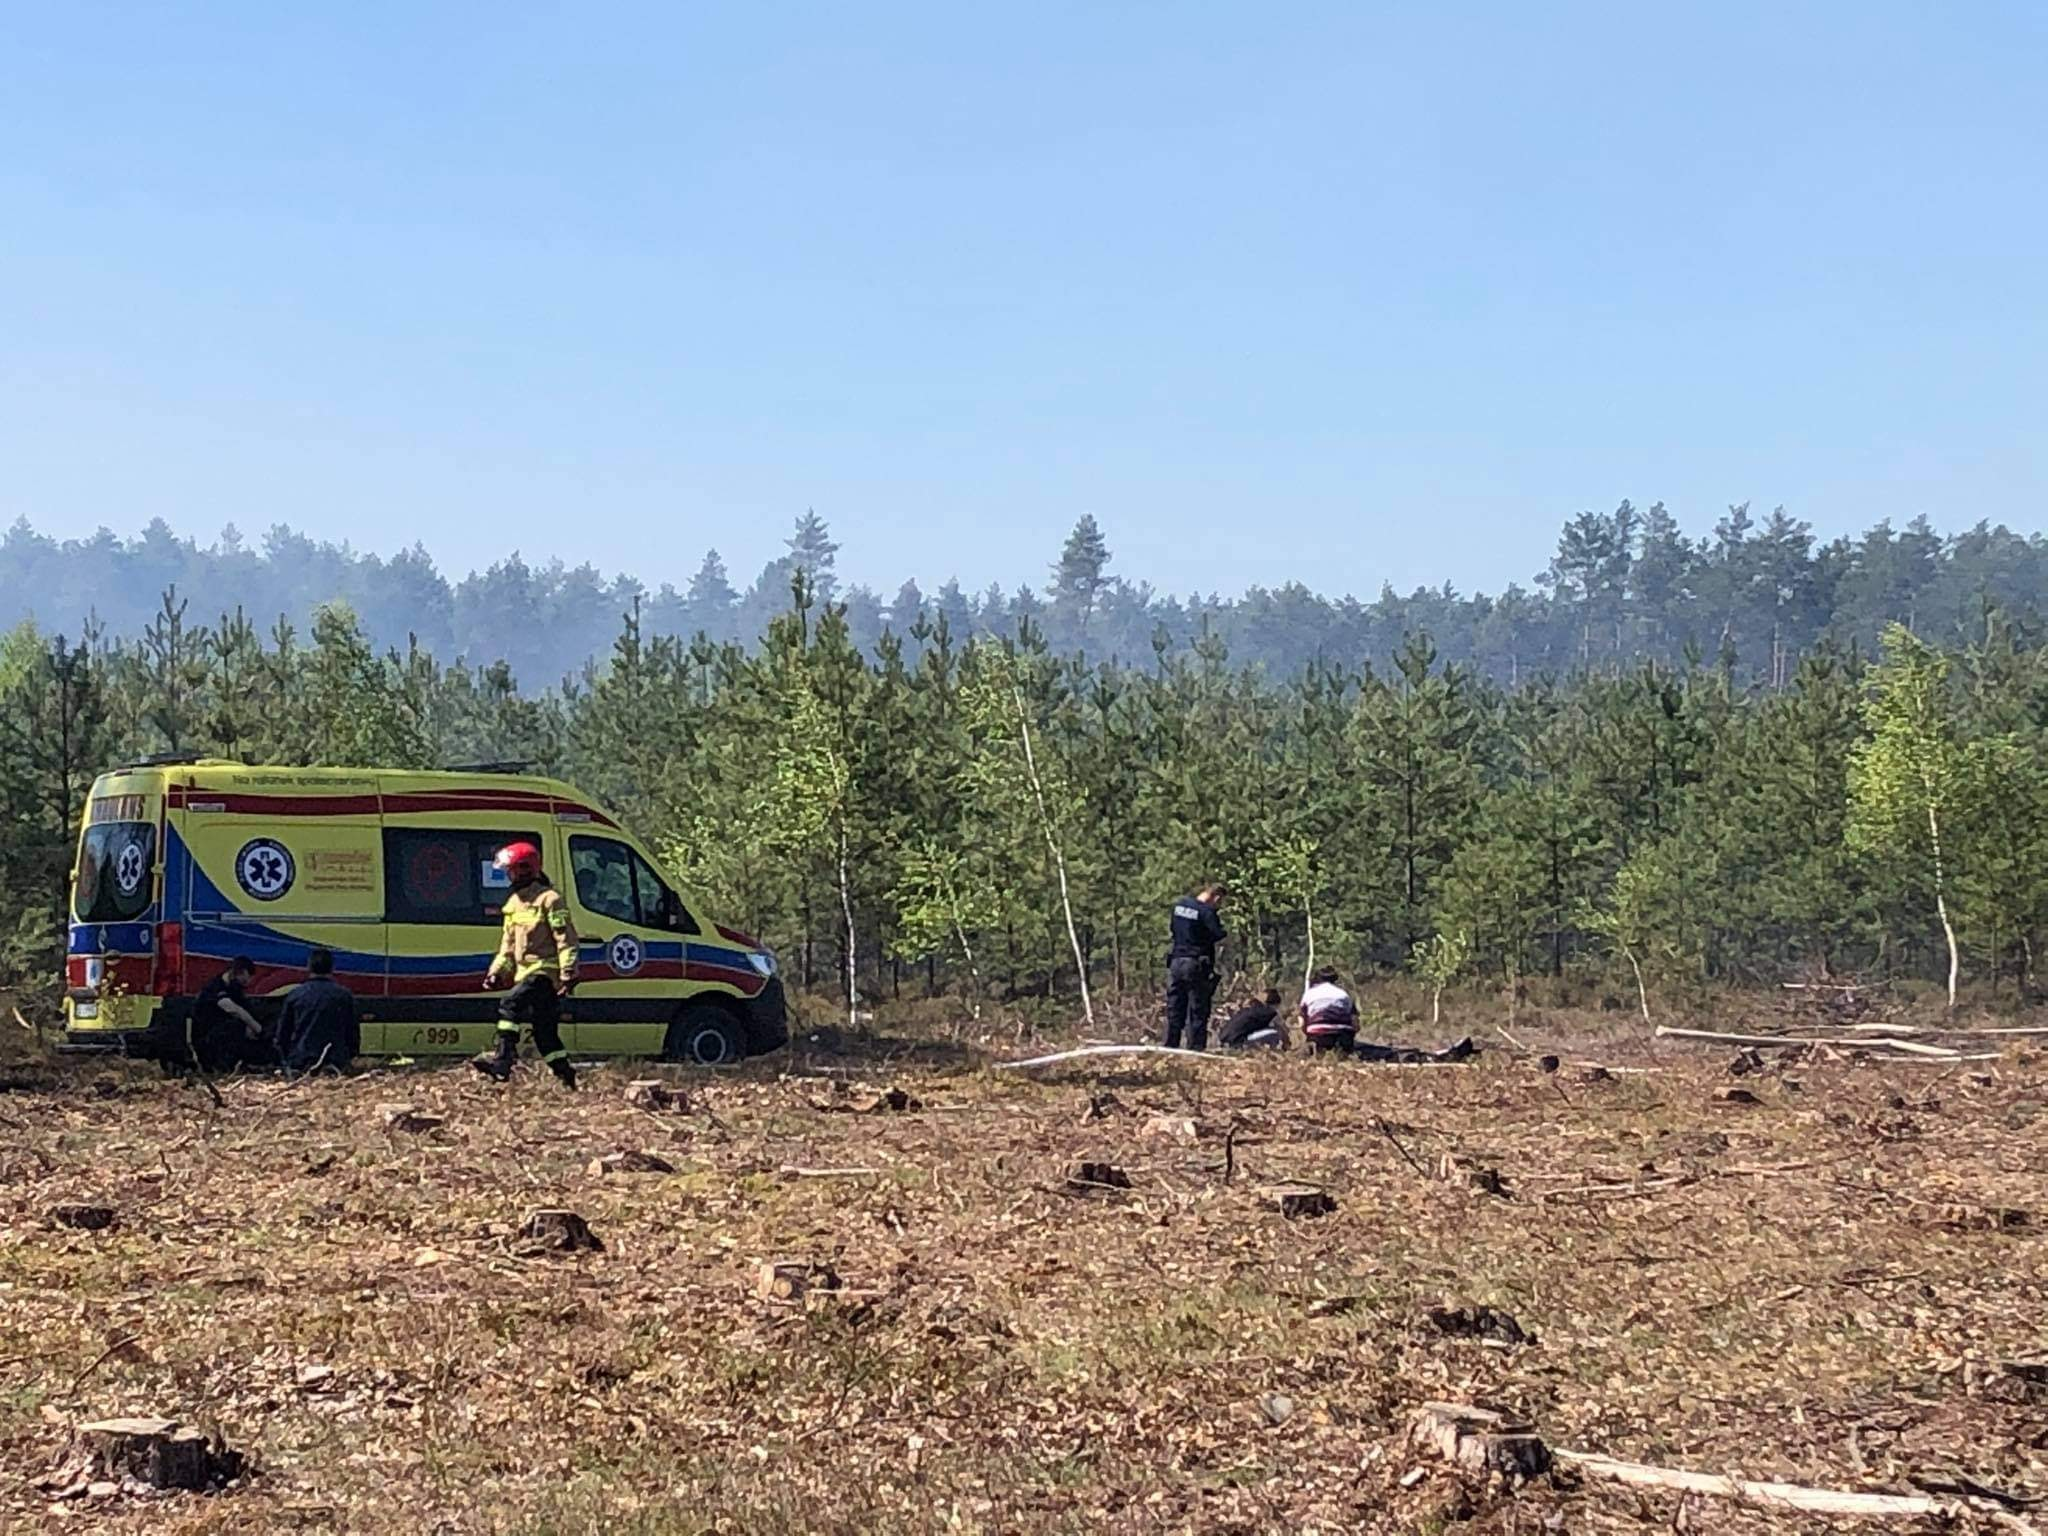 TRAGICZNY finał pożaru lasu! Jedna osoba nie żyje [ZDJĘCIA] - Zdjęcie główne